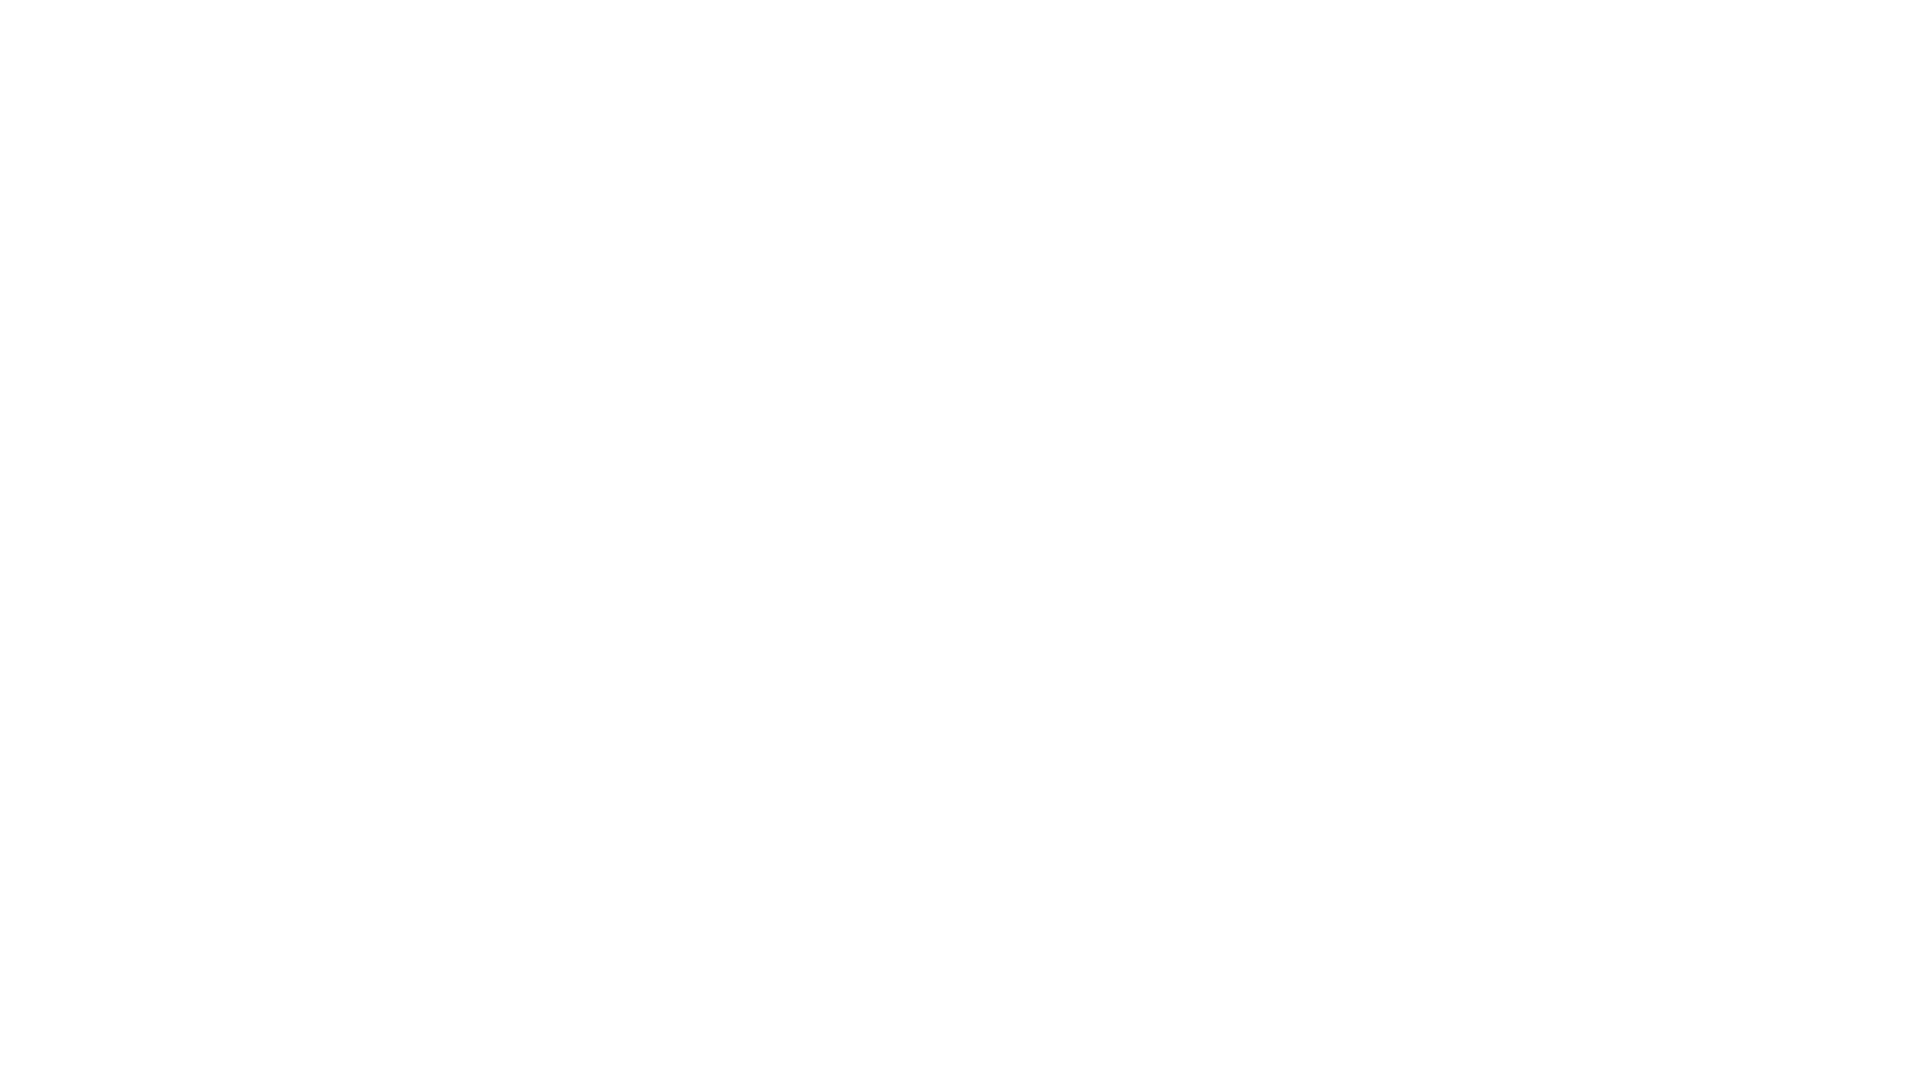 WATER STREET TAMPA